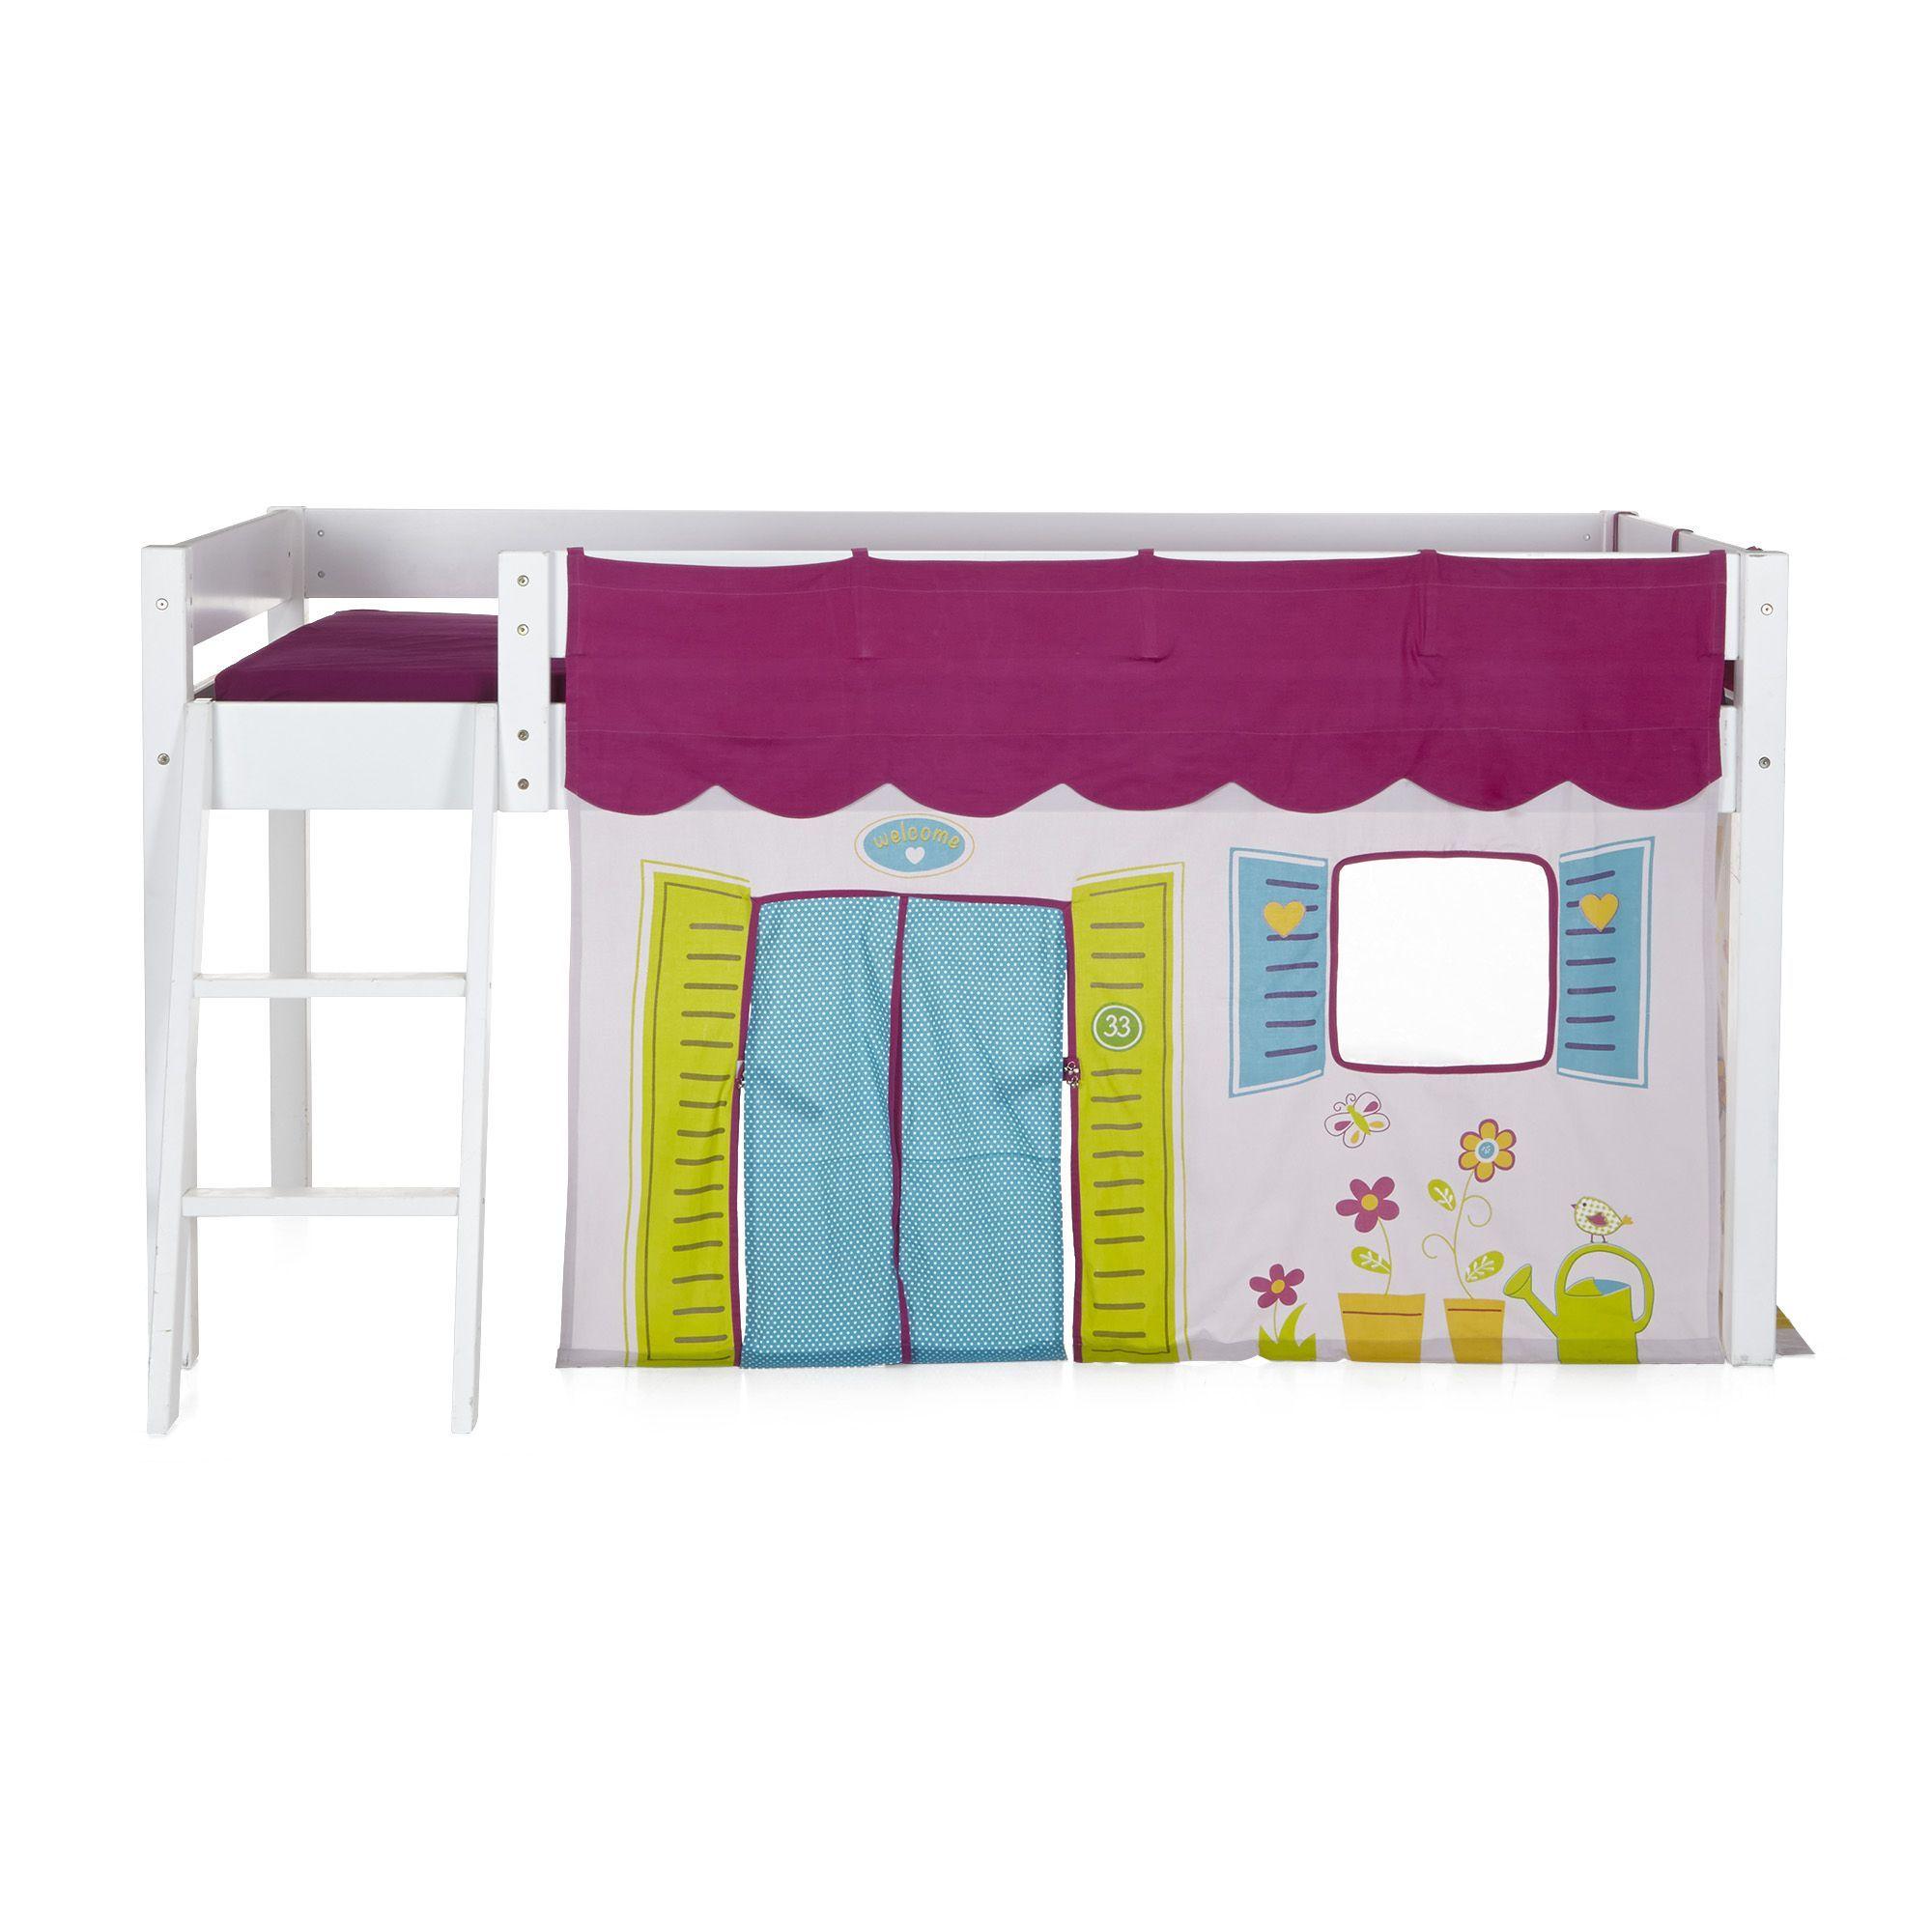 linge de maison tour de lit Welcome | Childs bedroom, Room and Bedrooms linge de maison tour de lit